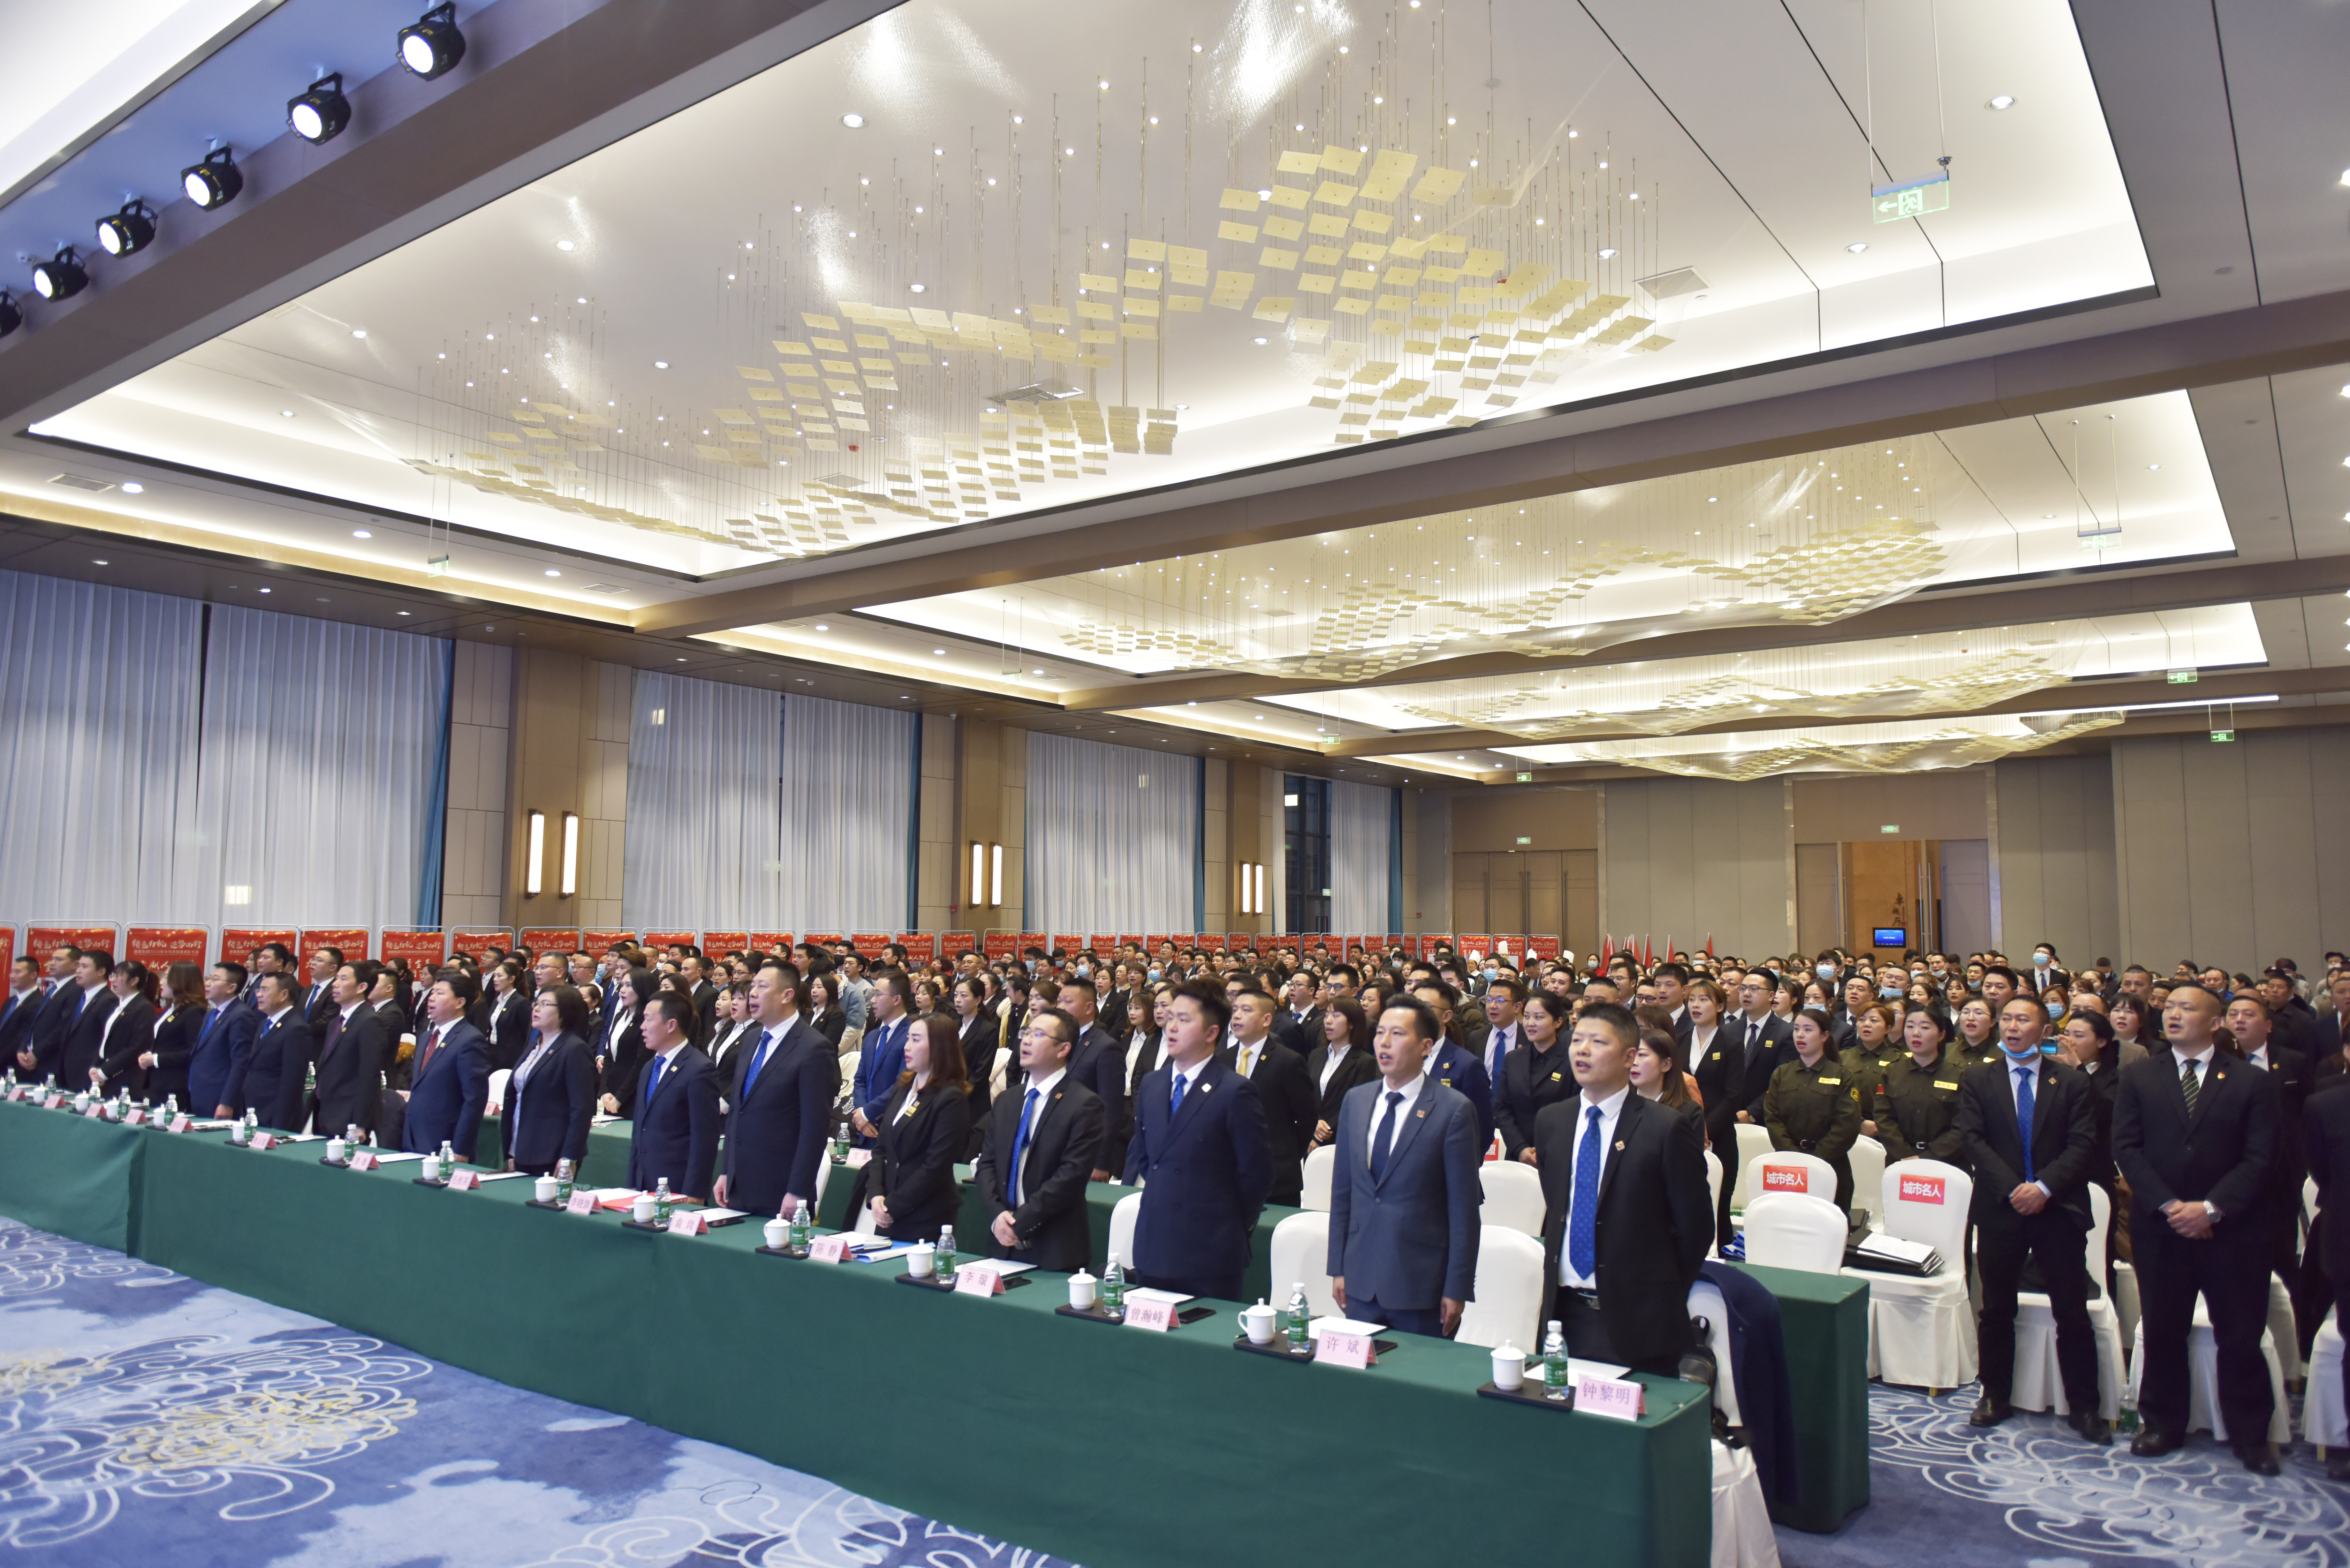 創新謀發展  變革贏未來 ---四川簡陽德盛集團隆重舉行2021年誓師大會